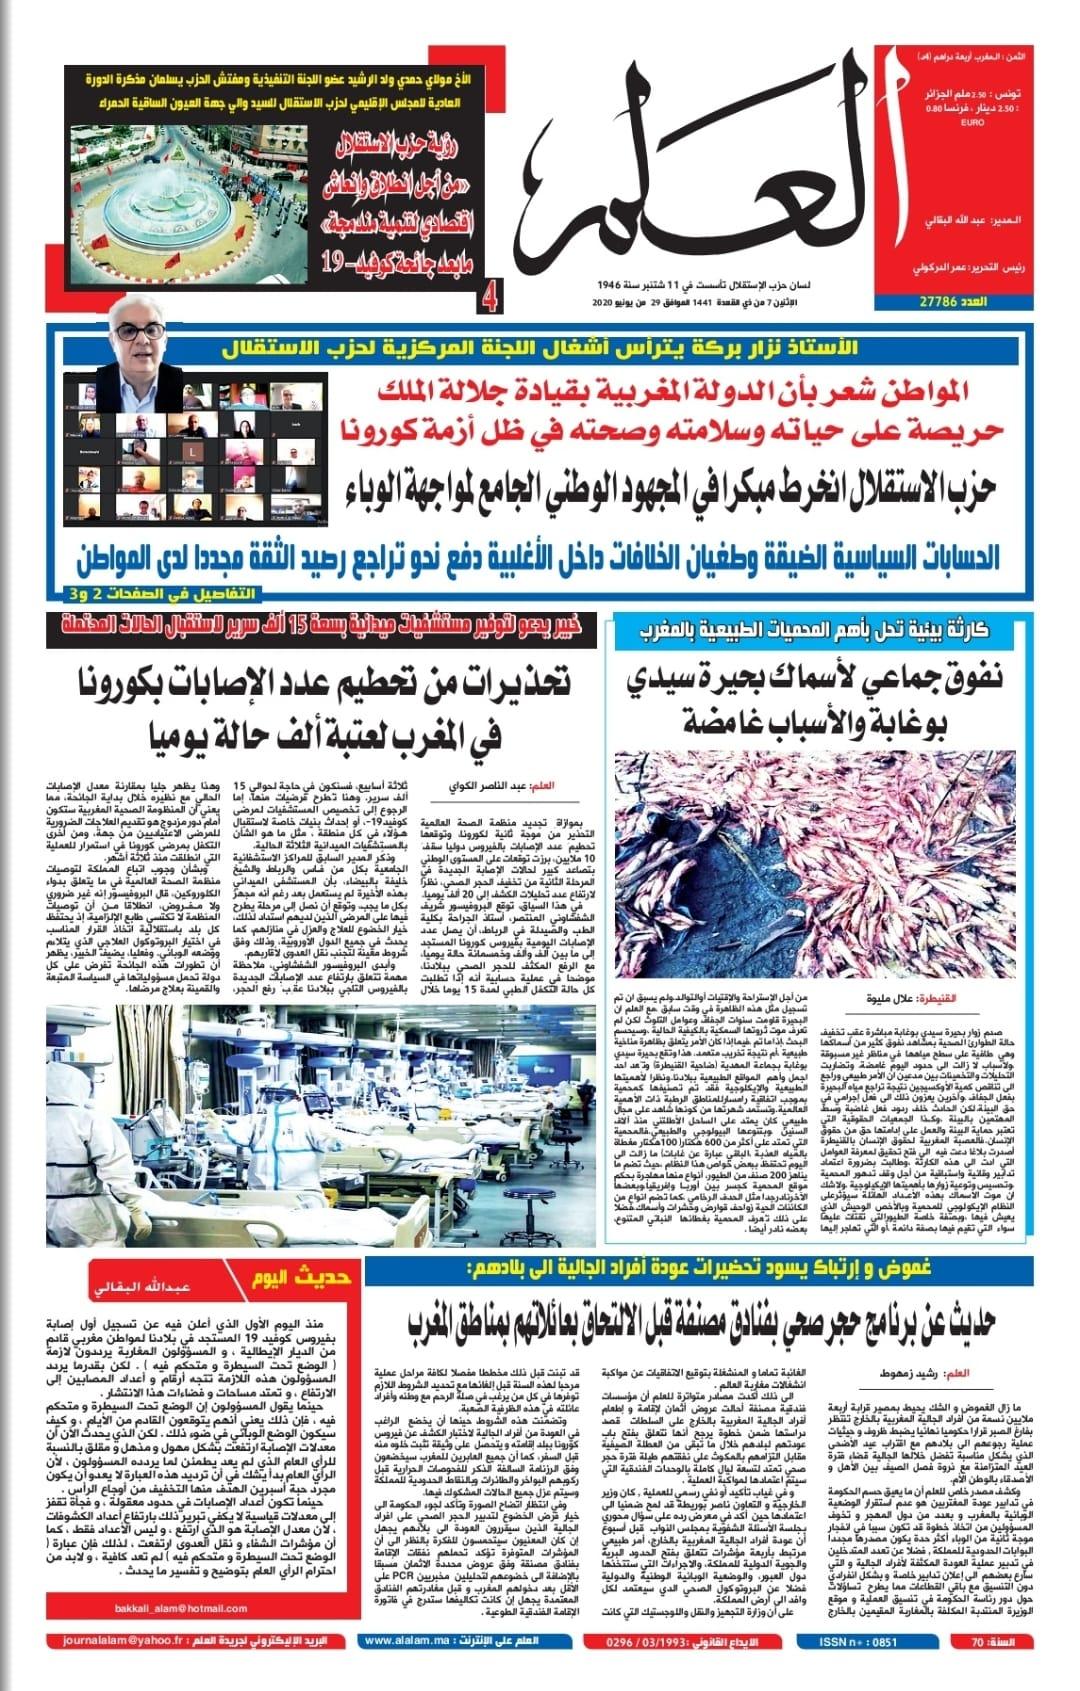 جريدة العلم عدد يوم الاثنين 29 يونيو 2020 بين أيديكم